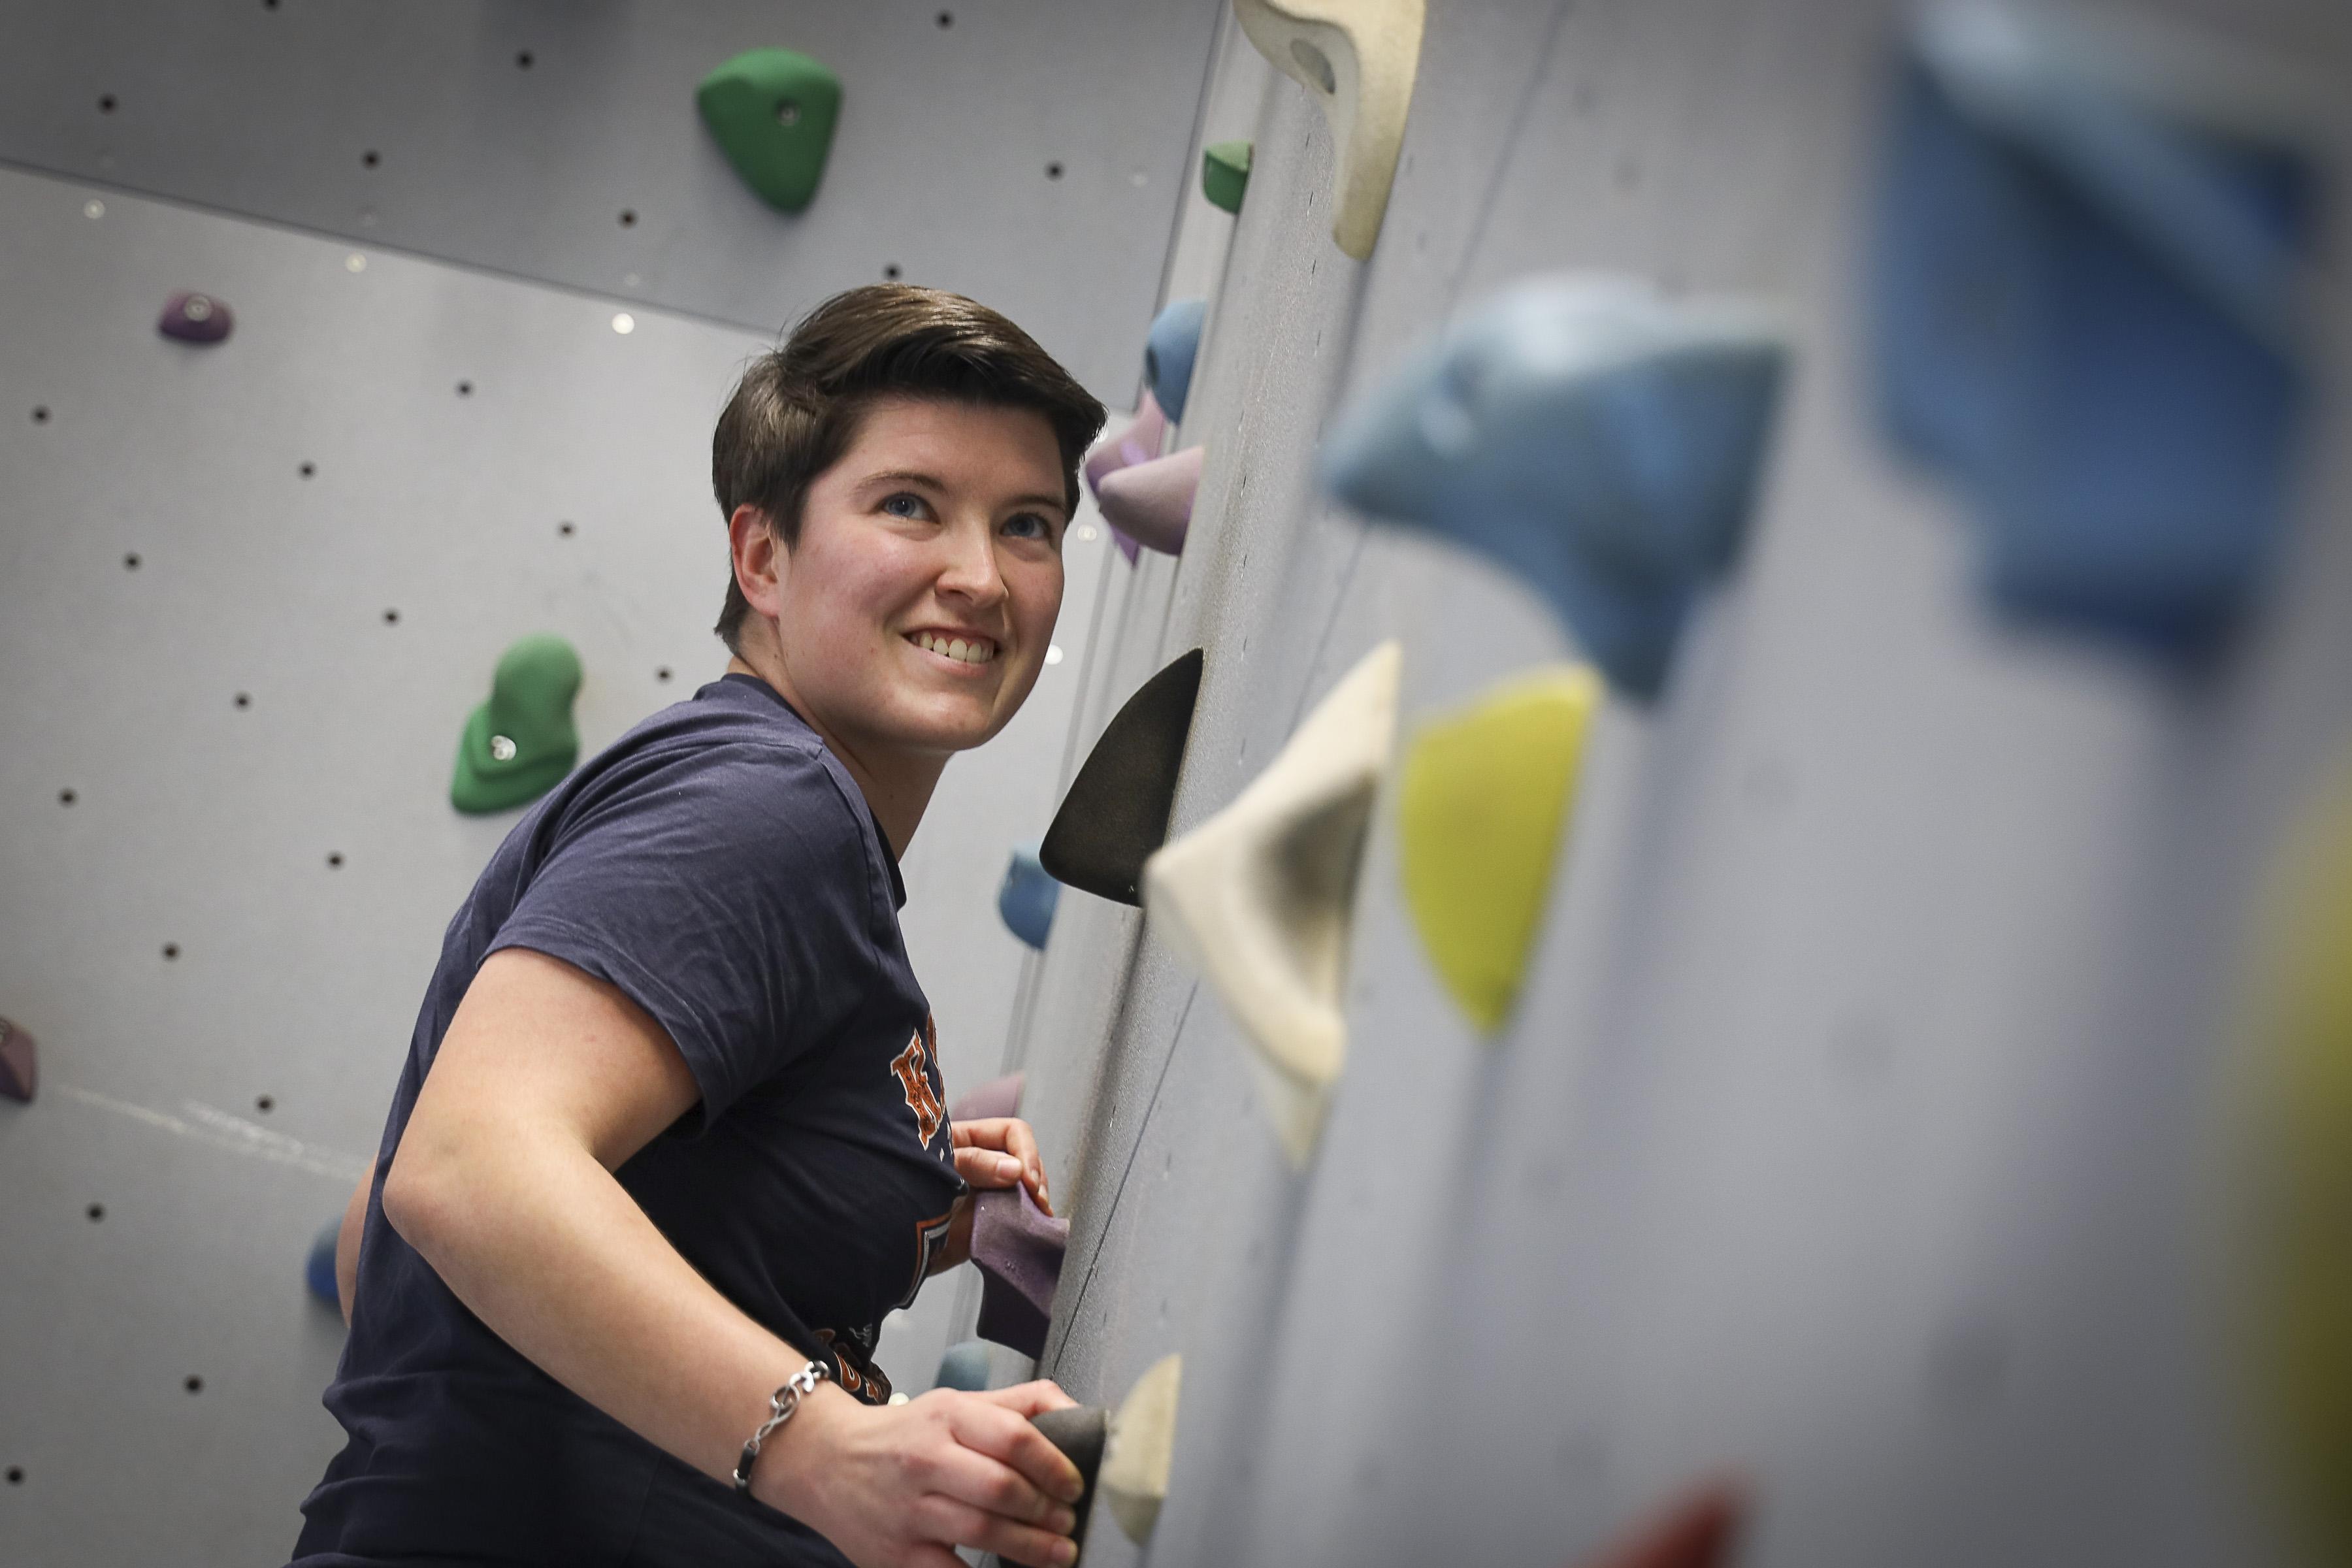 Sportieve wiskundedocente Dionne Vasmeer (25) ondervindt hoe ingrijpend de nasleep van corona kan zijn. 'Je denkt ik ben jong en fit, maar het interesseert het virus geen bal wie hij aanpakt'